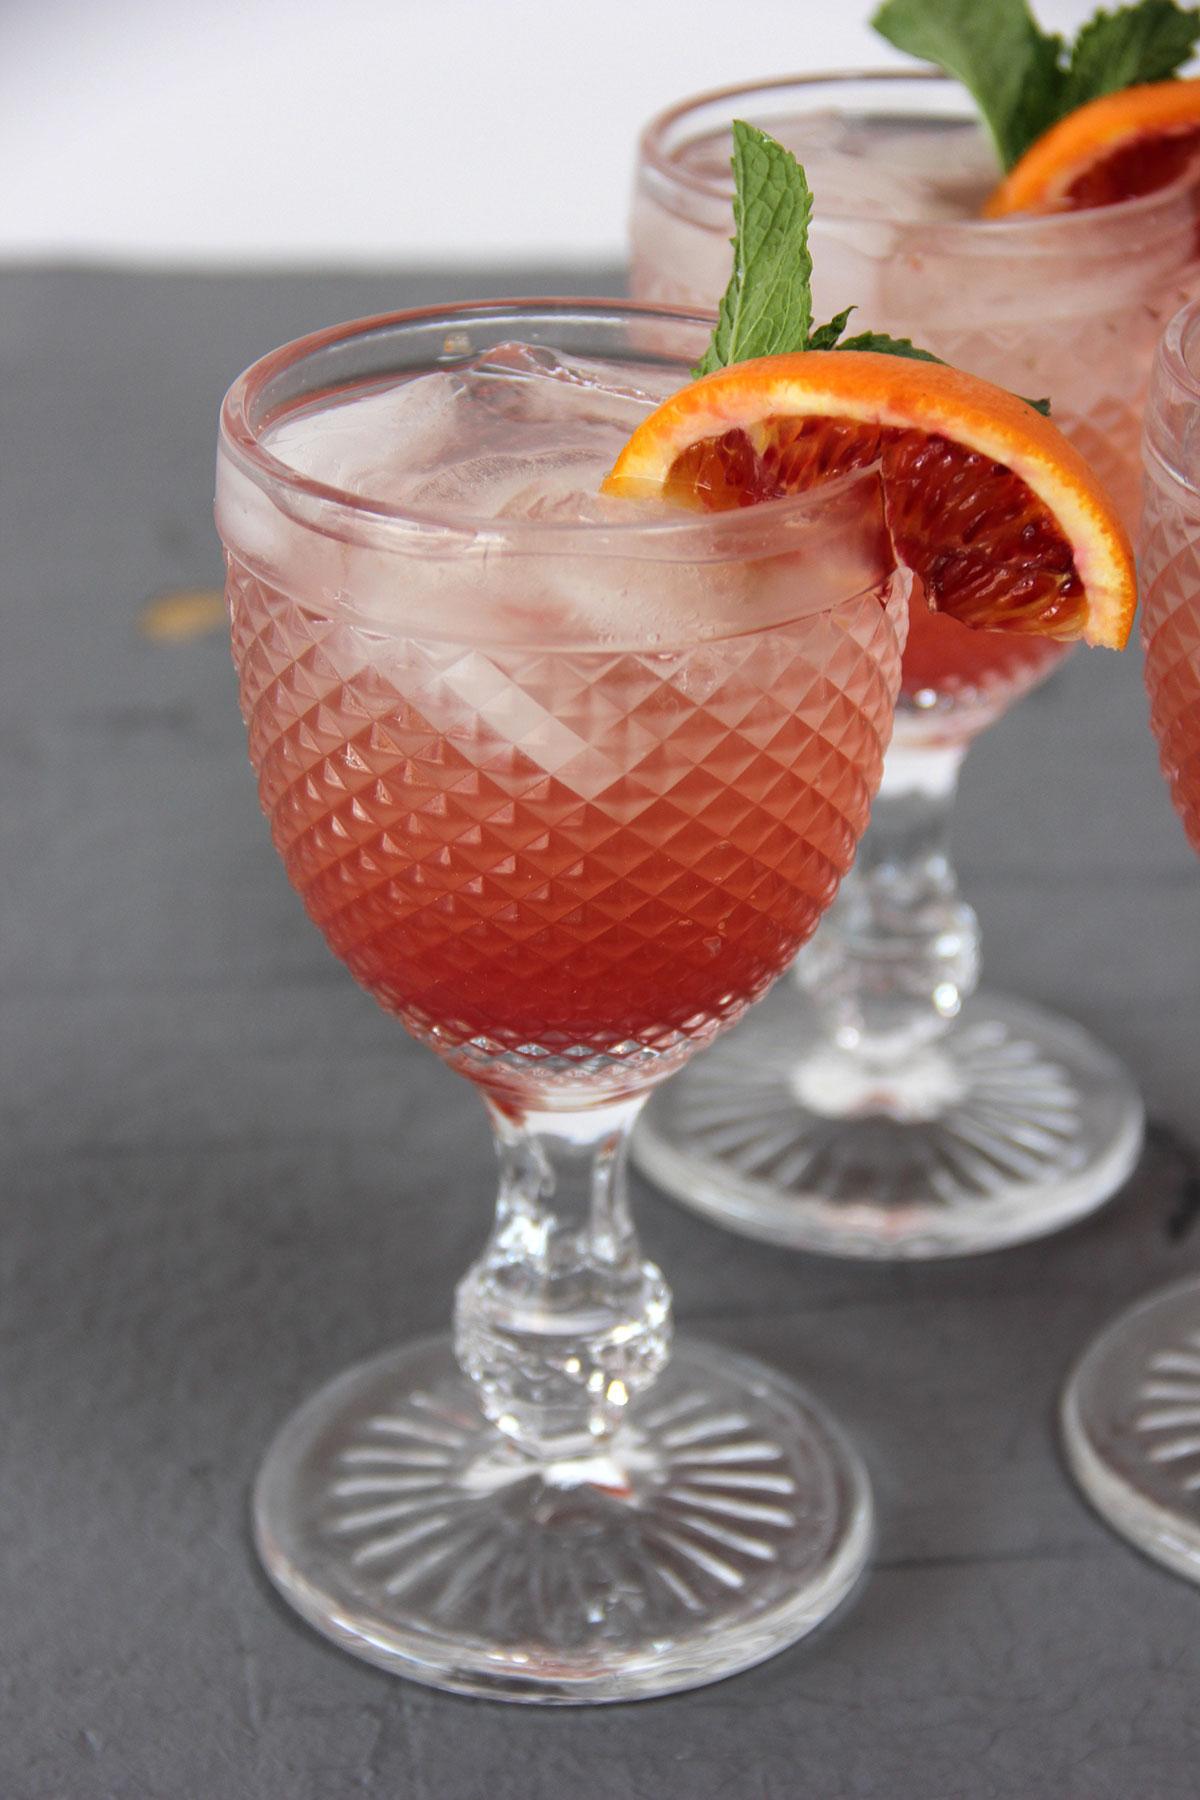 Grapefruit blood orange spritzer with mint garnish